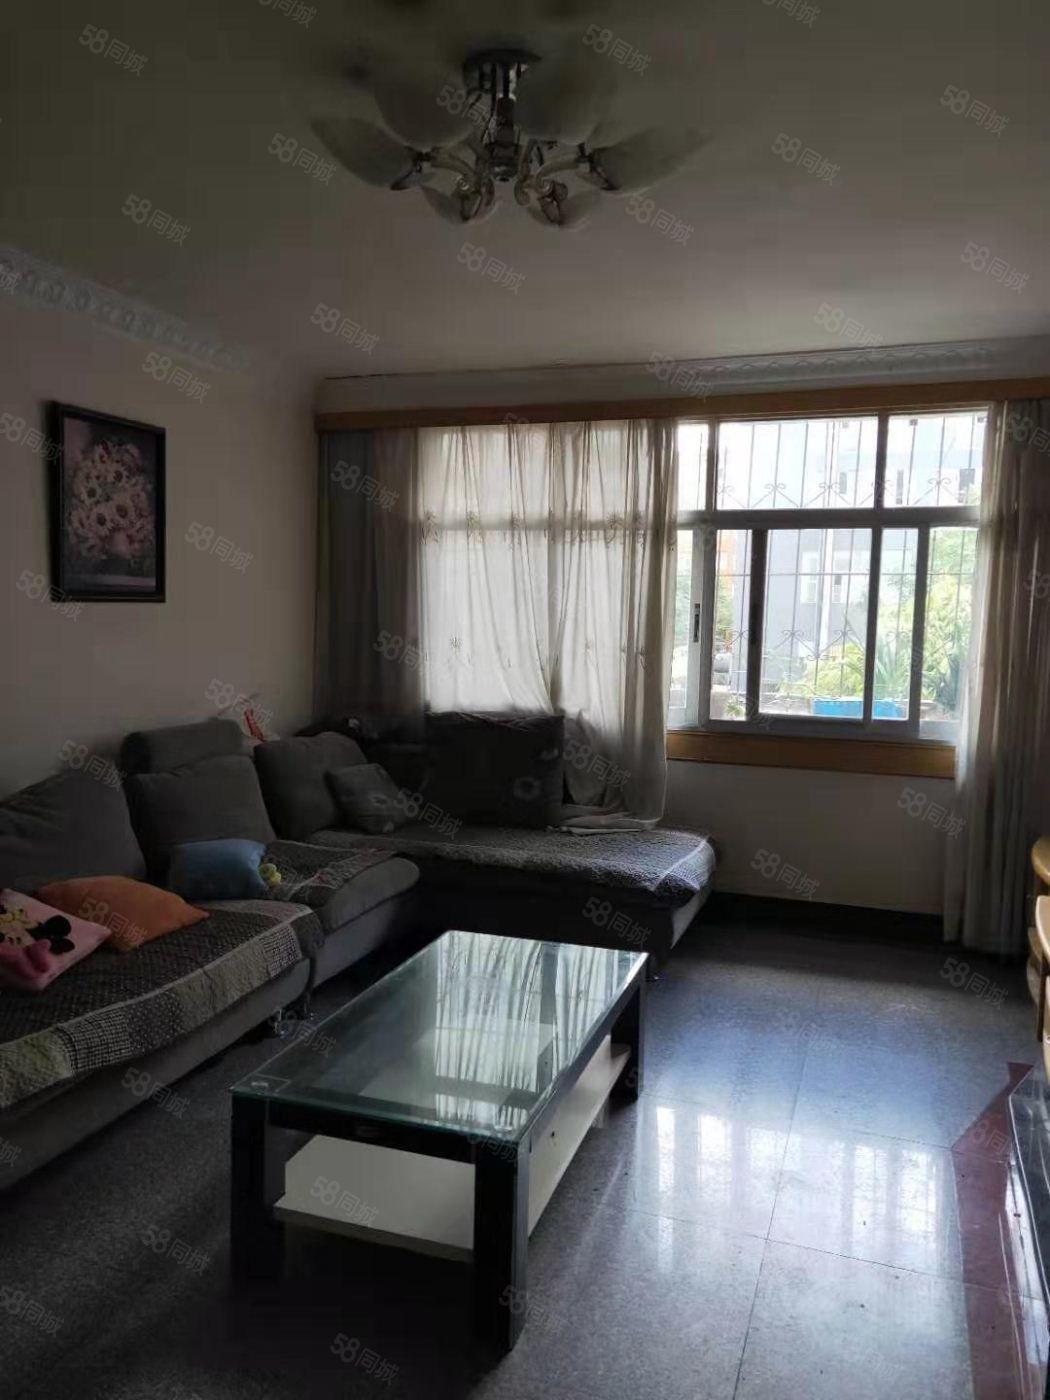 桂山路泰华园2楼,3室2厅1卫,中装修,带家具澳门金沙平台